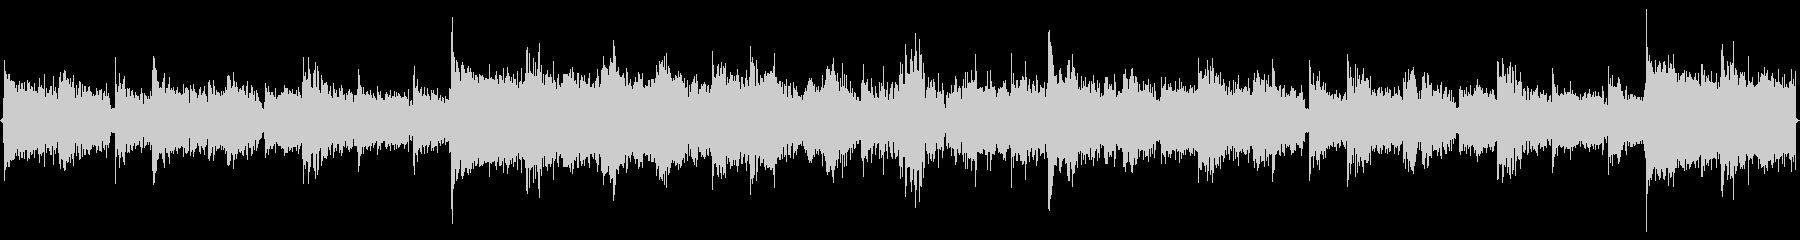 アミューズメント向けのループBGMの未再生の波形